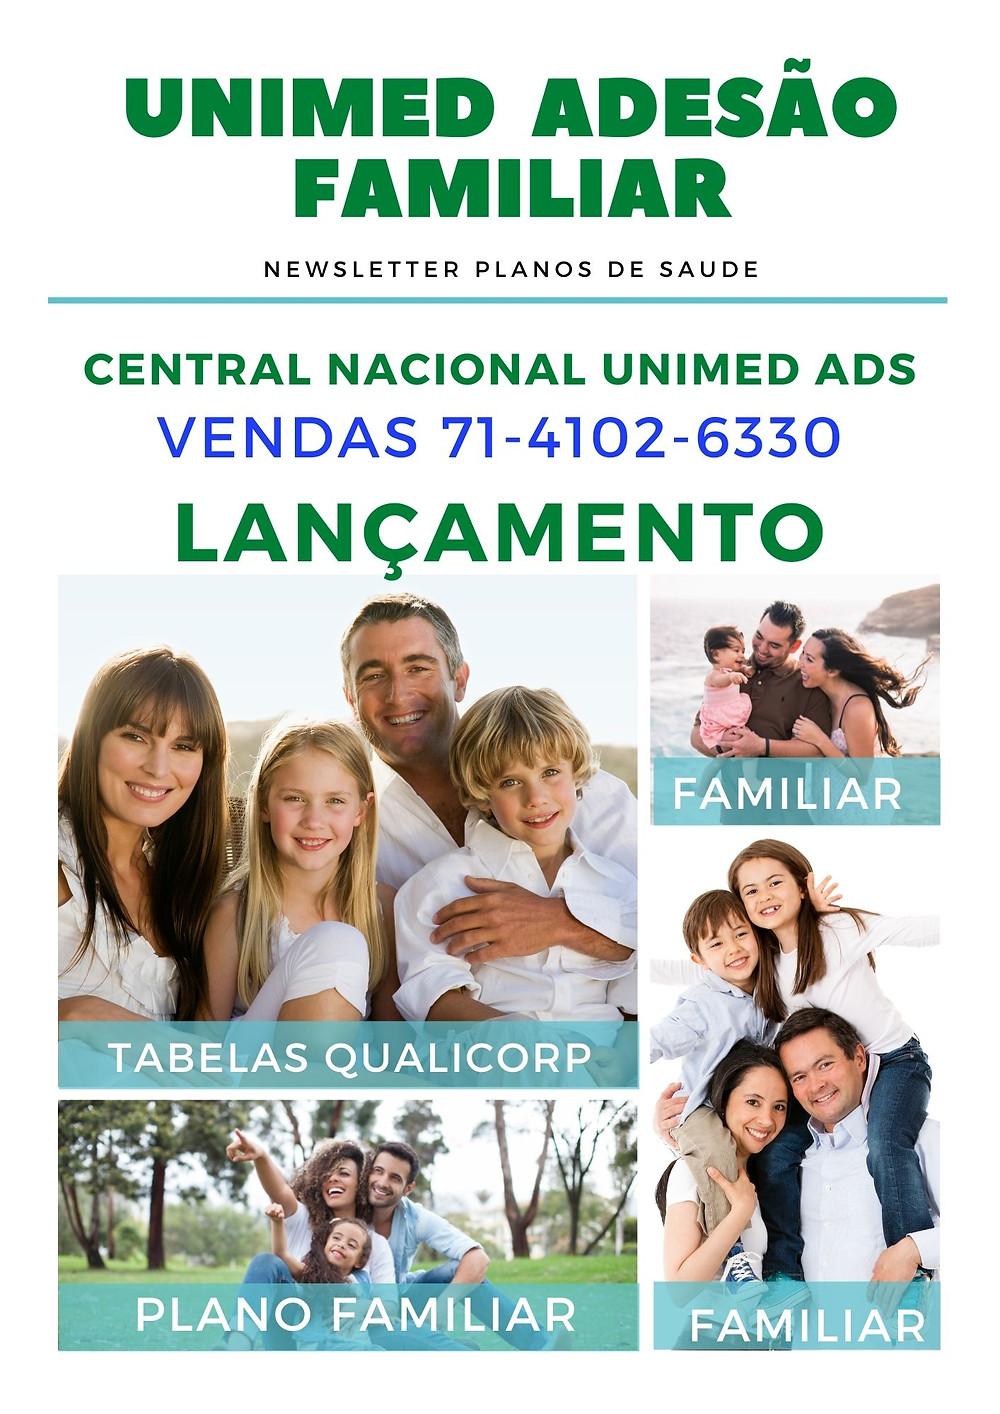 PLANO DE SAUDE FAMILIAR UNIMED